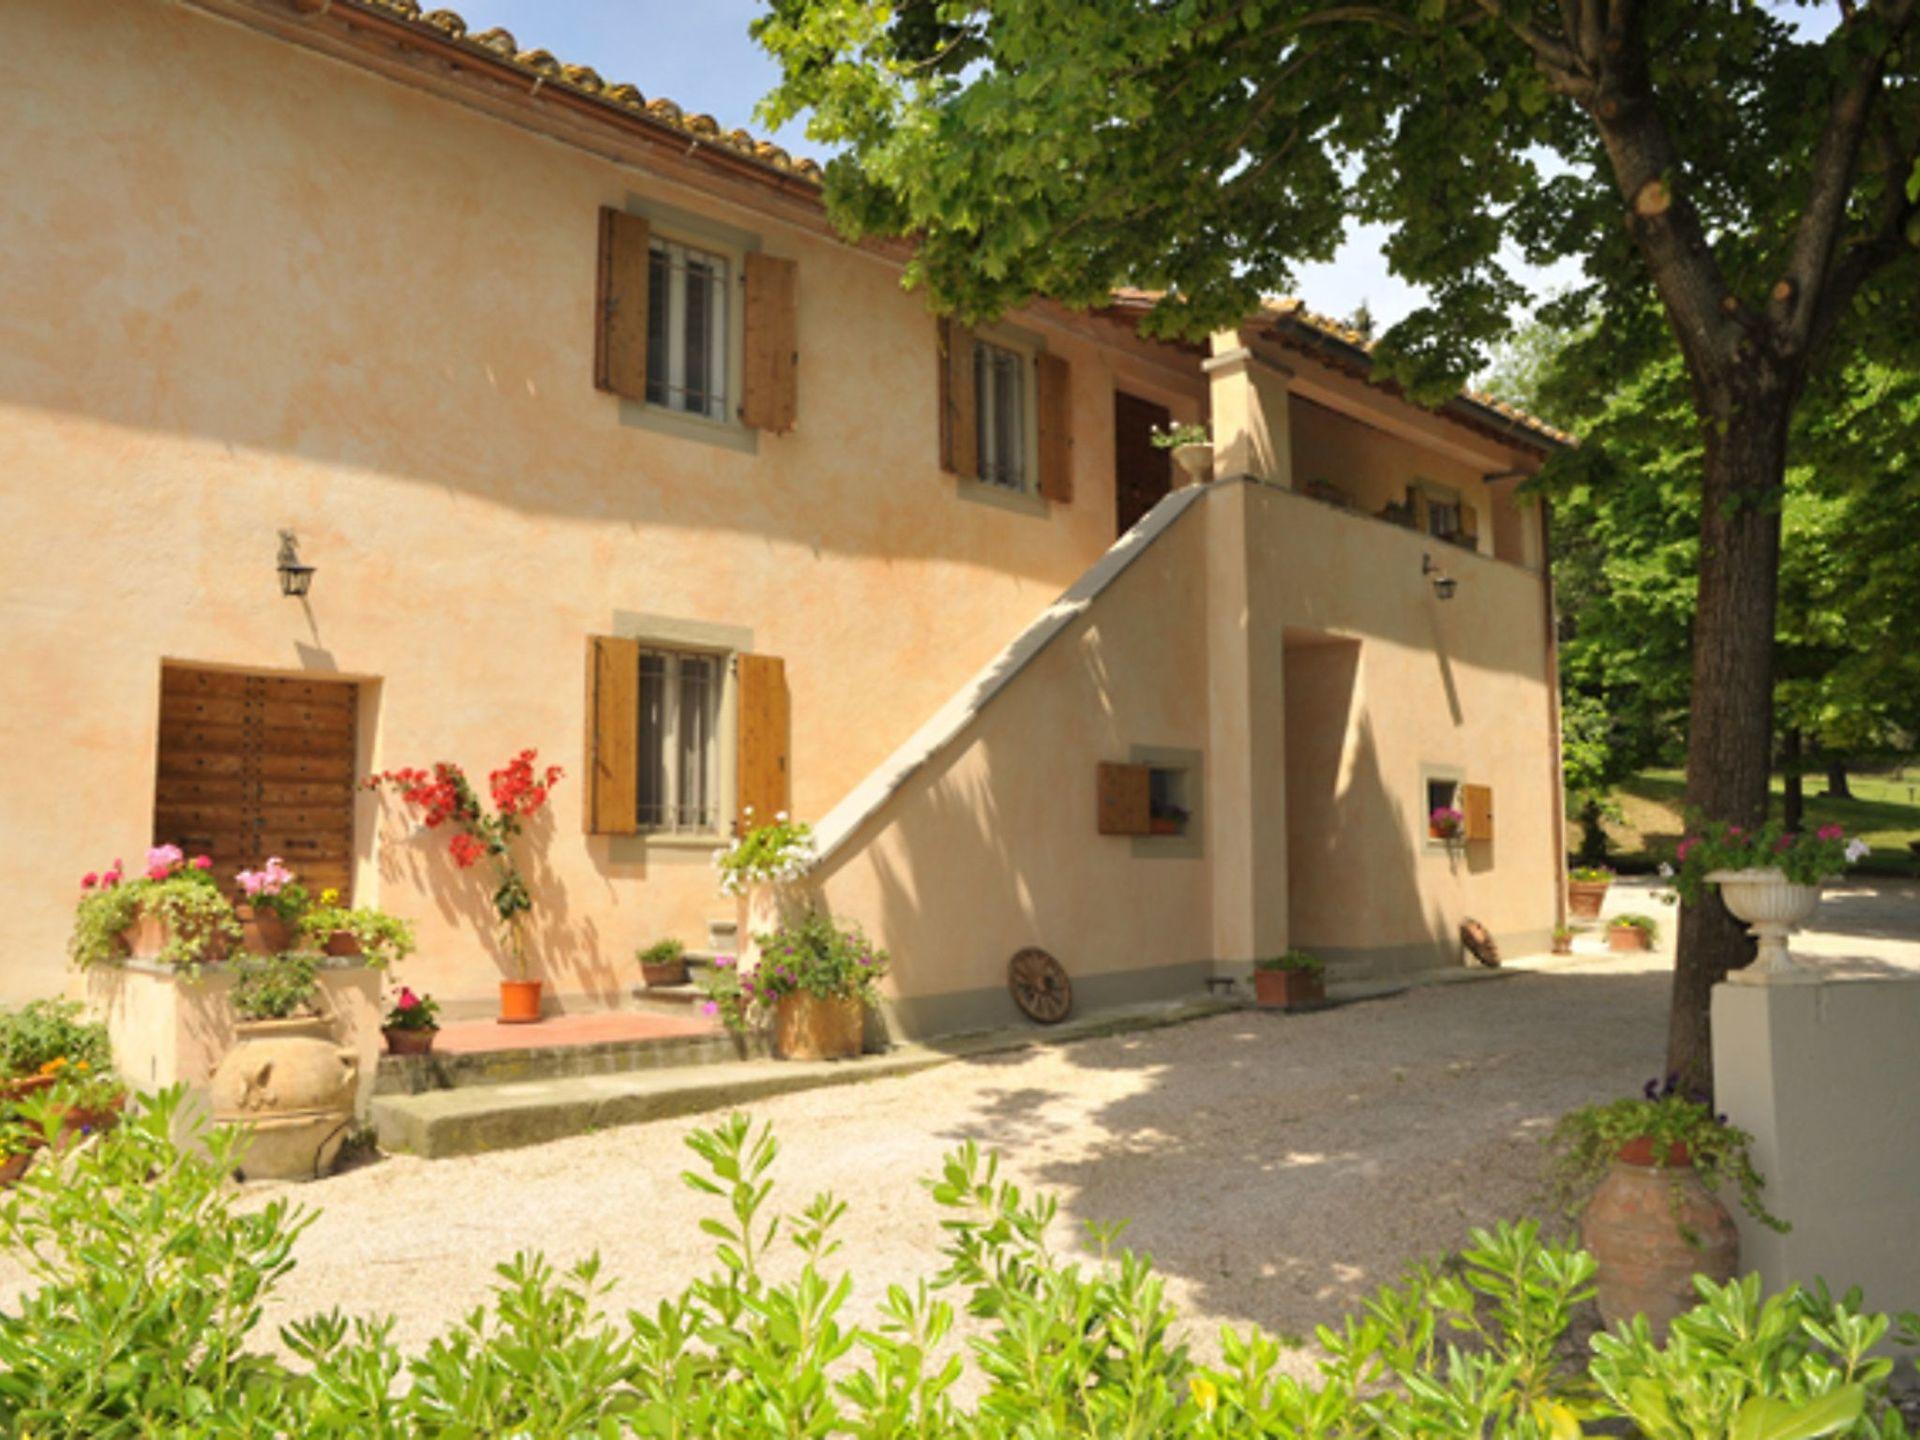 bc689bd690809 Casale Dei Tigli - Casa vacanze con 10 Posti Letto in 6 Camere ...